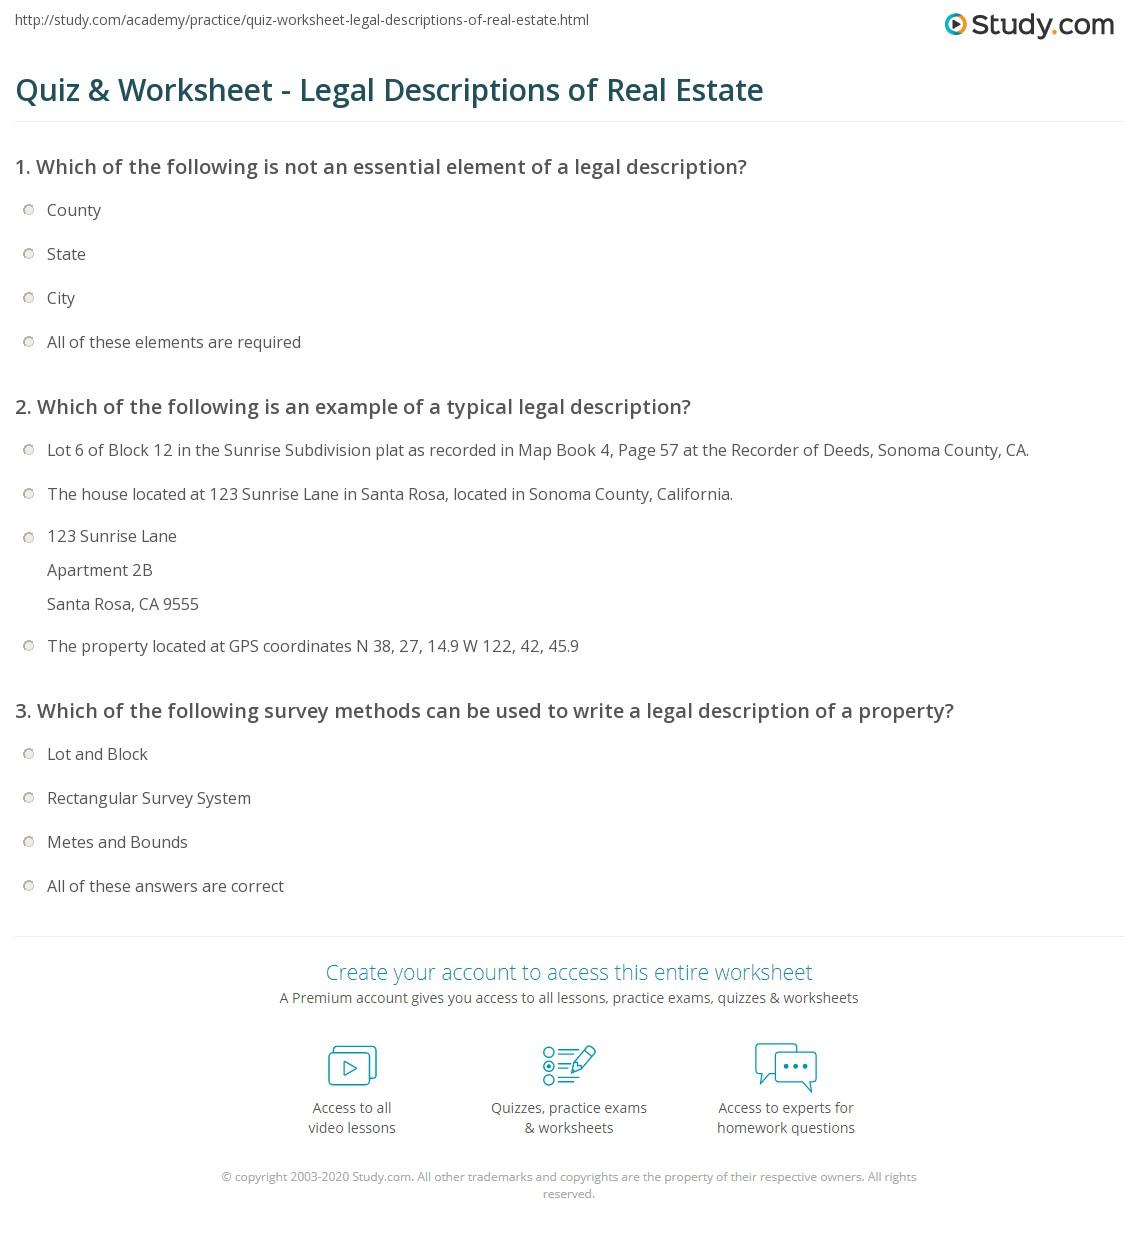 Quiz & Worksheet - Legal Descriptions of Real Estate | Study.com